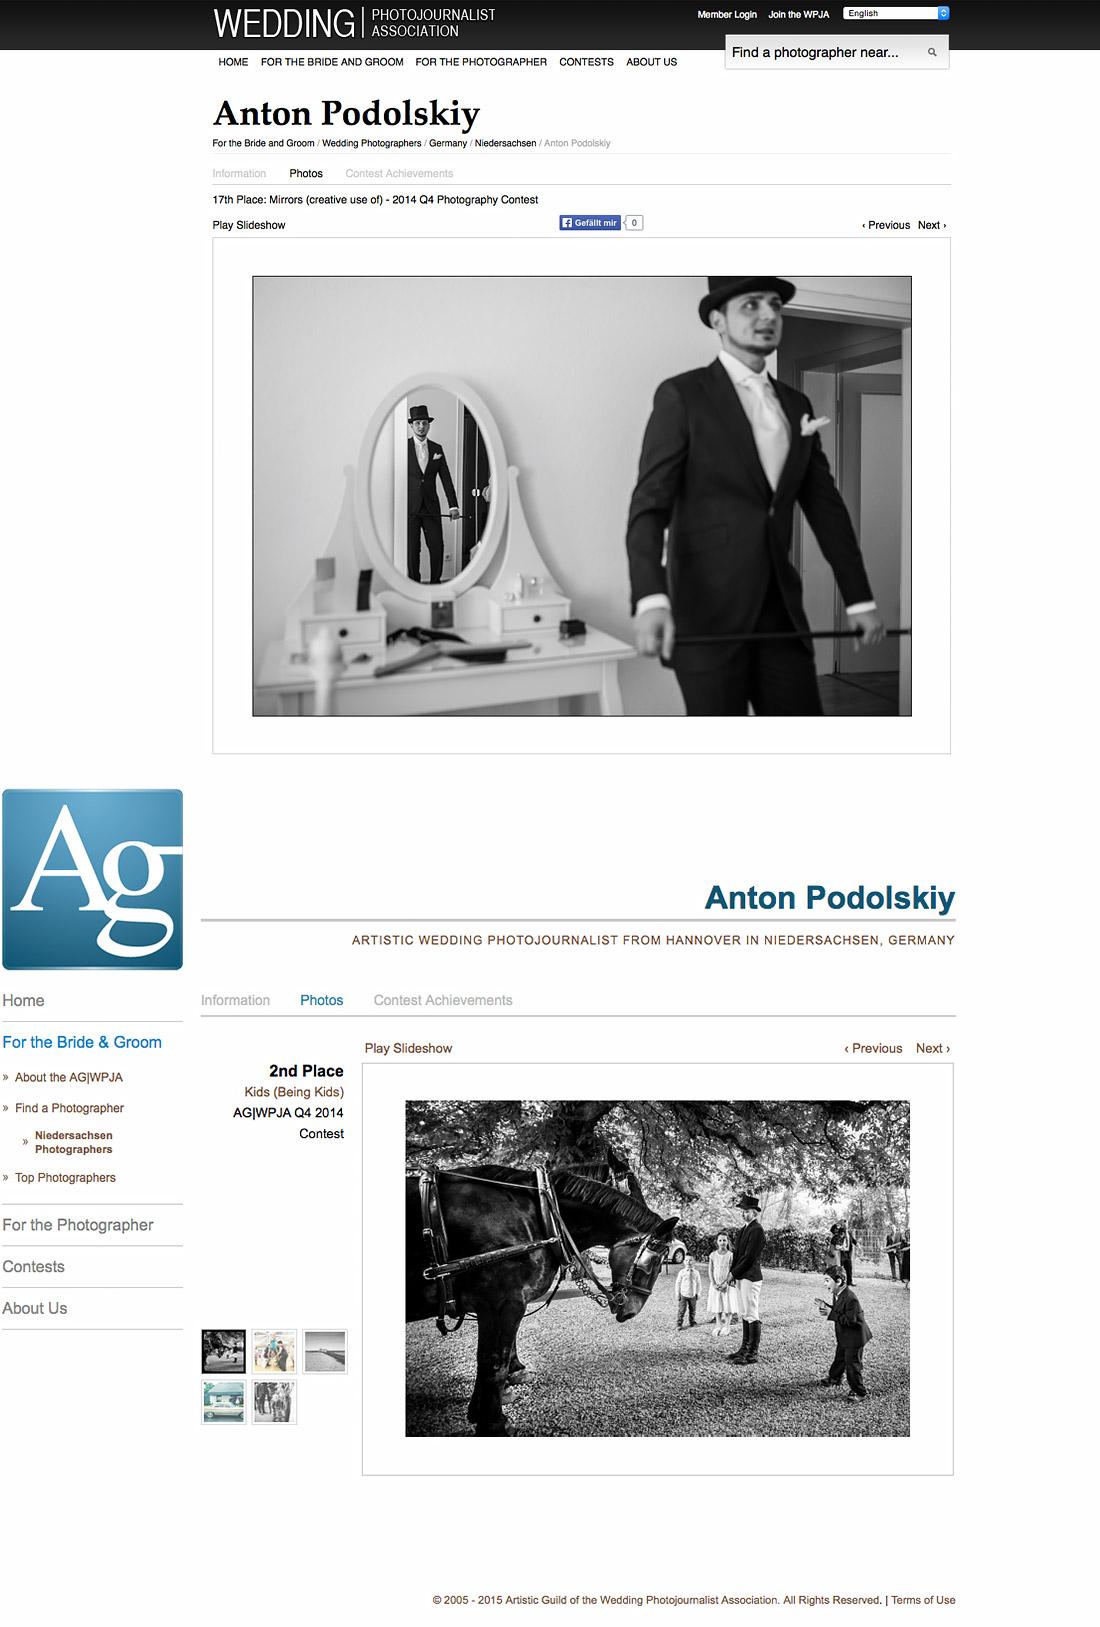 Hochzeitsfotograf München Award WPJA